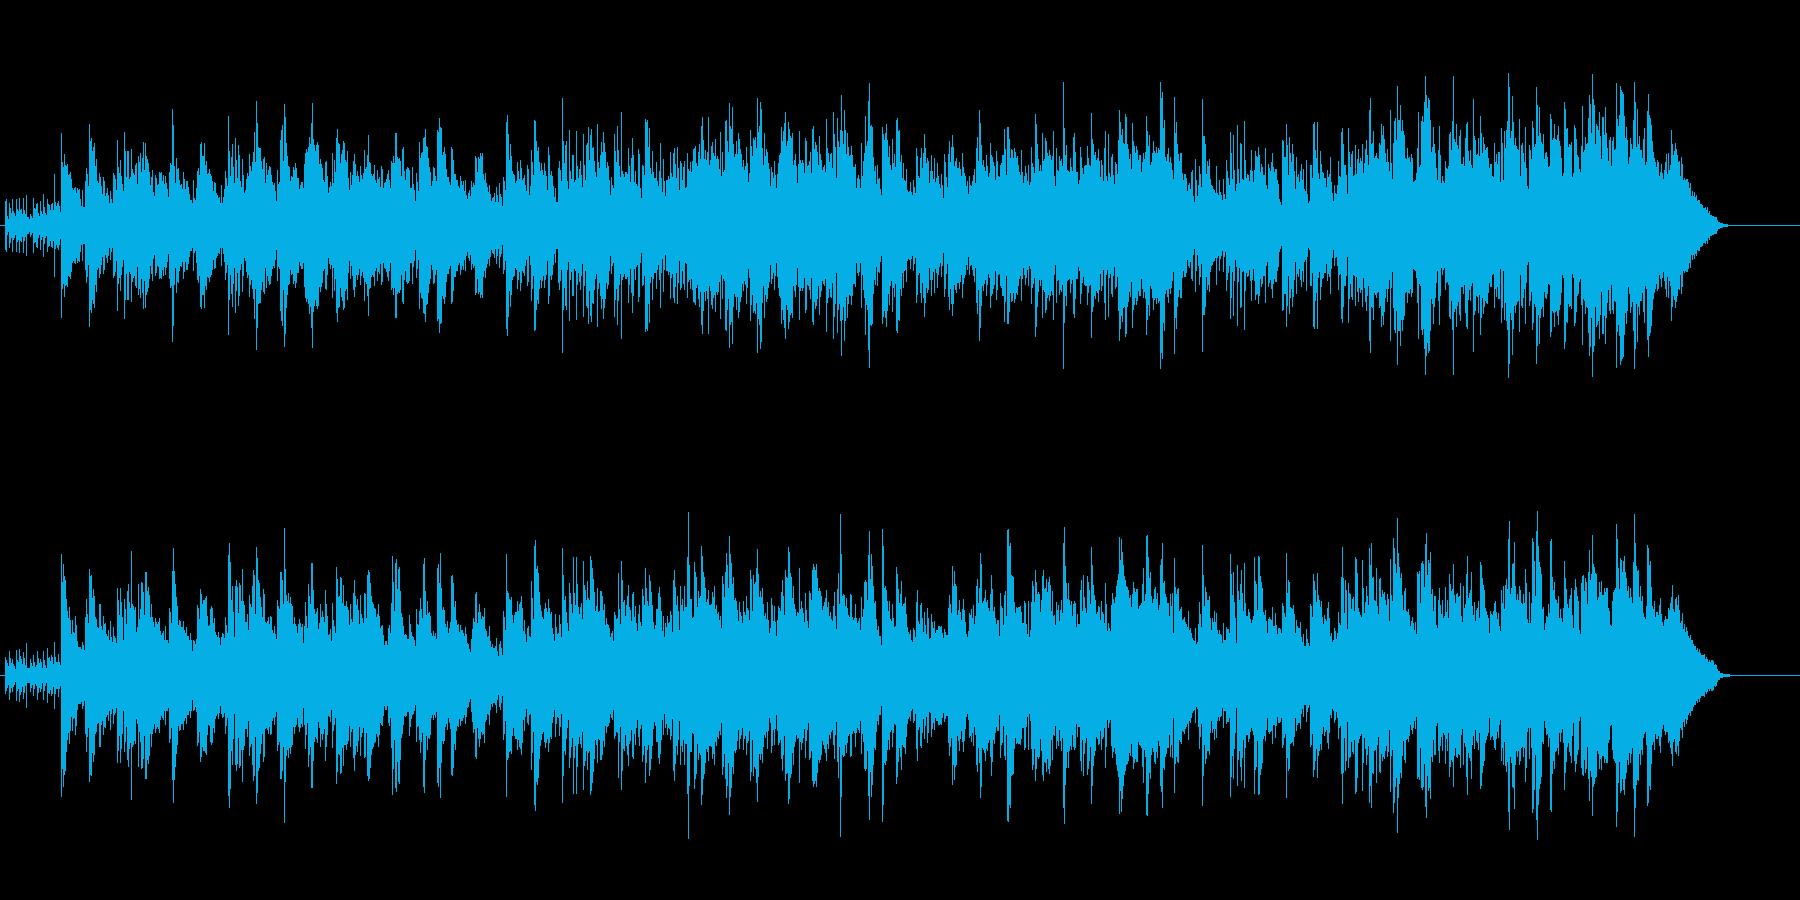 清流を感じるリラクゼーション風BGMの再生済みの波形